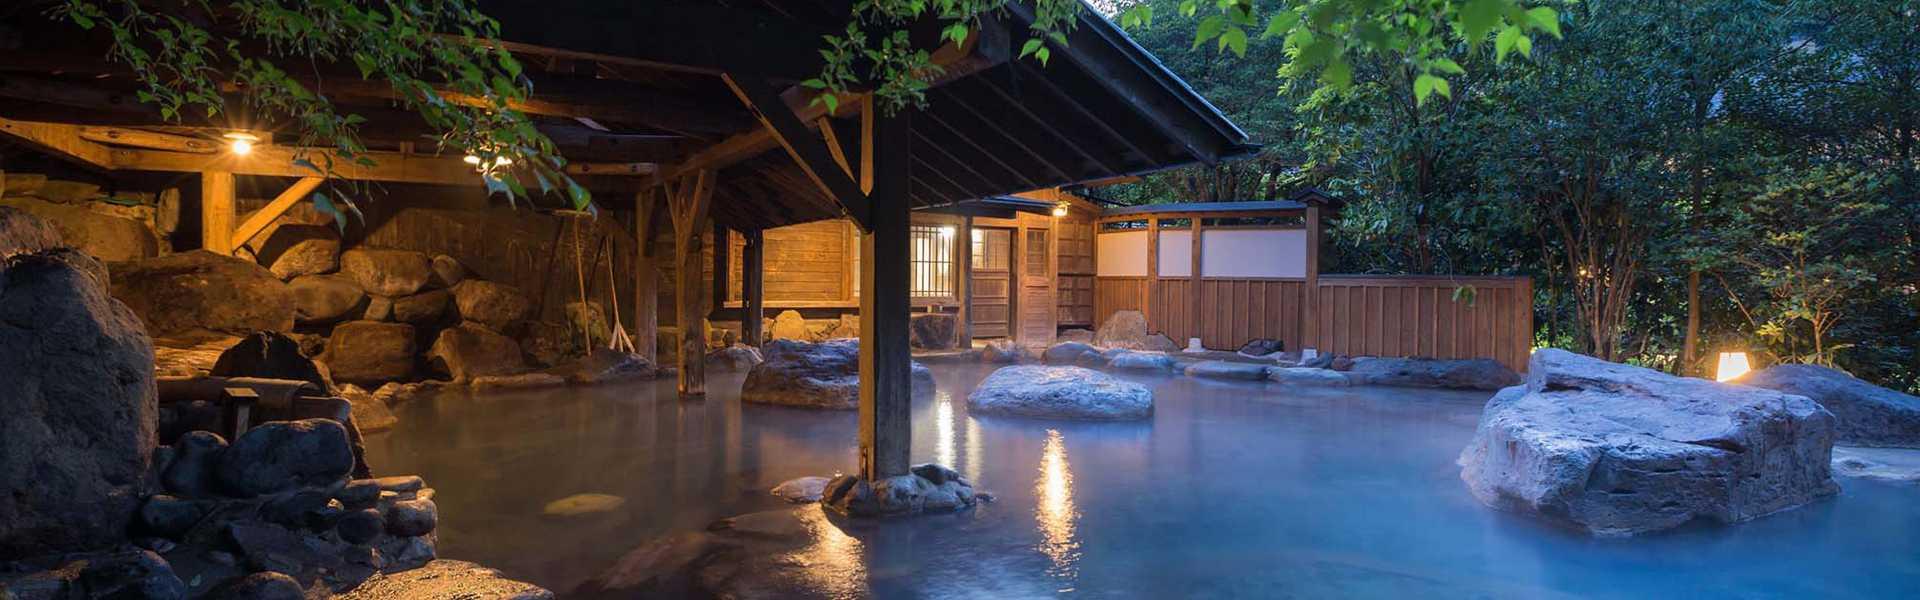 onsen in Minamioguni, Japan